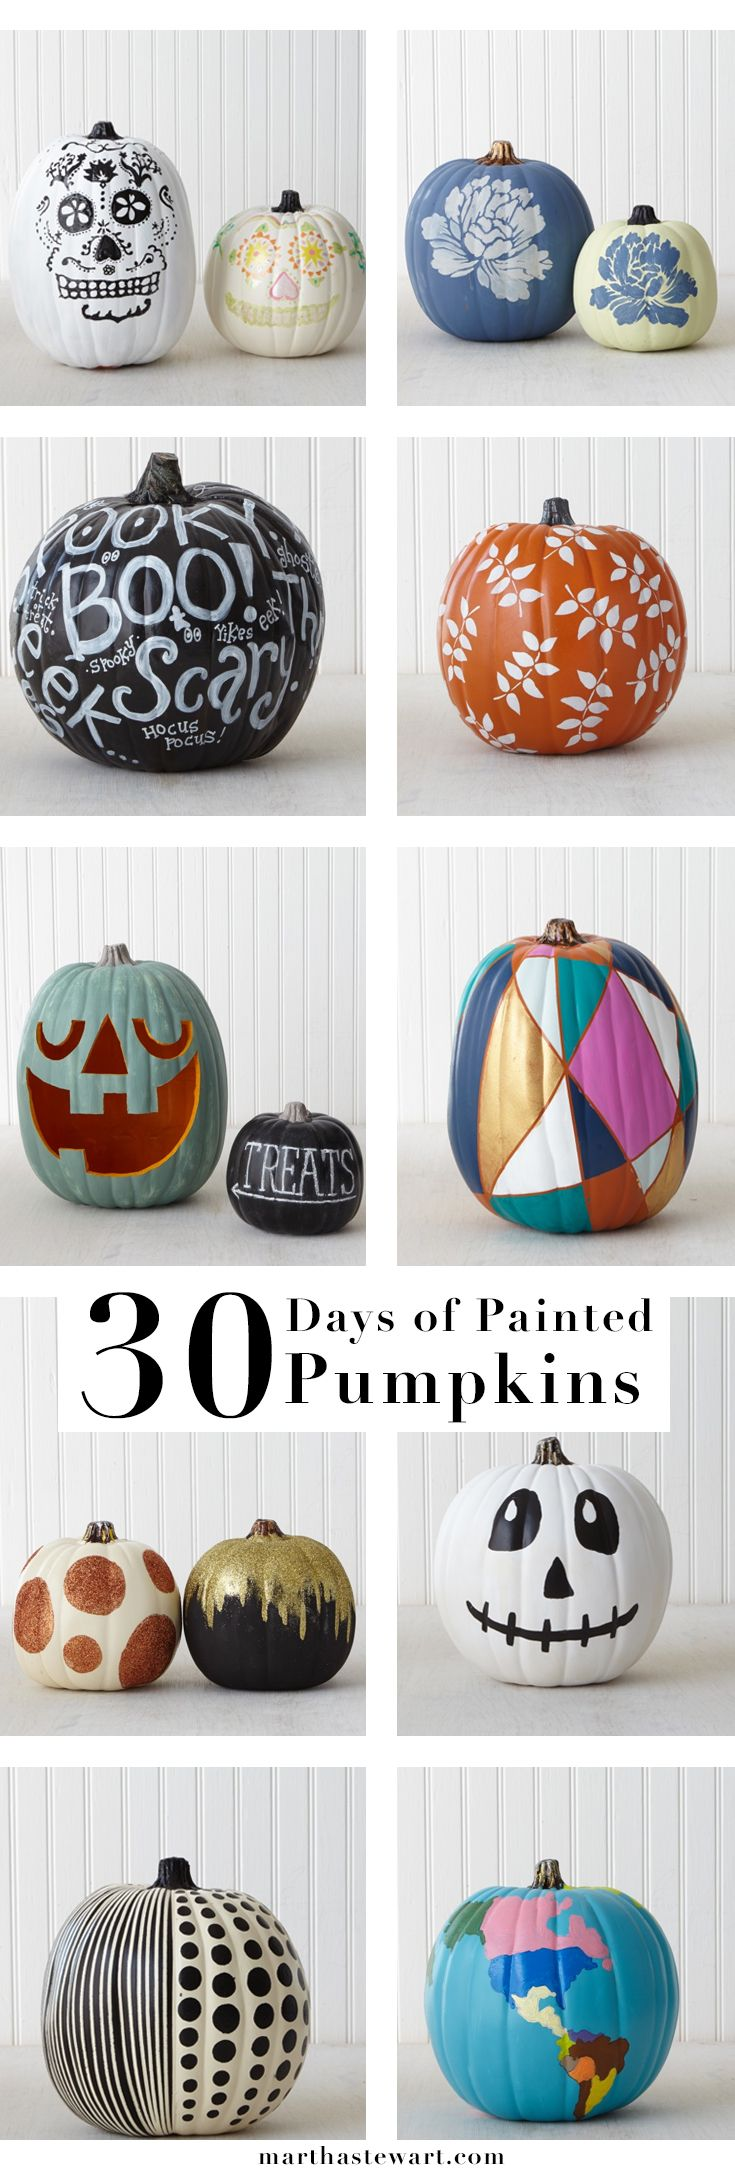 30 Ways to Paint a Pumpkin